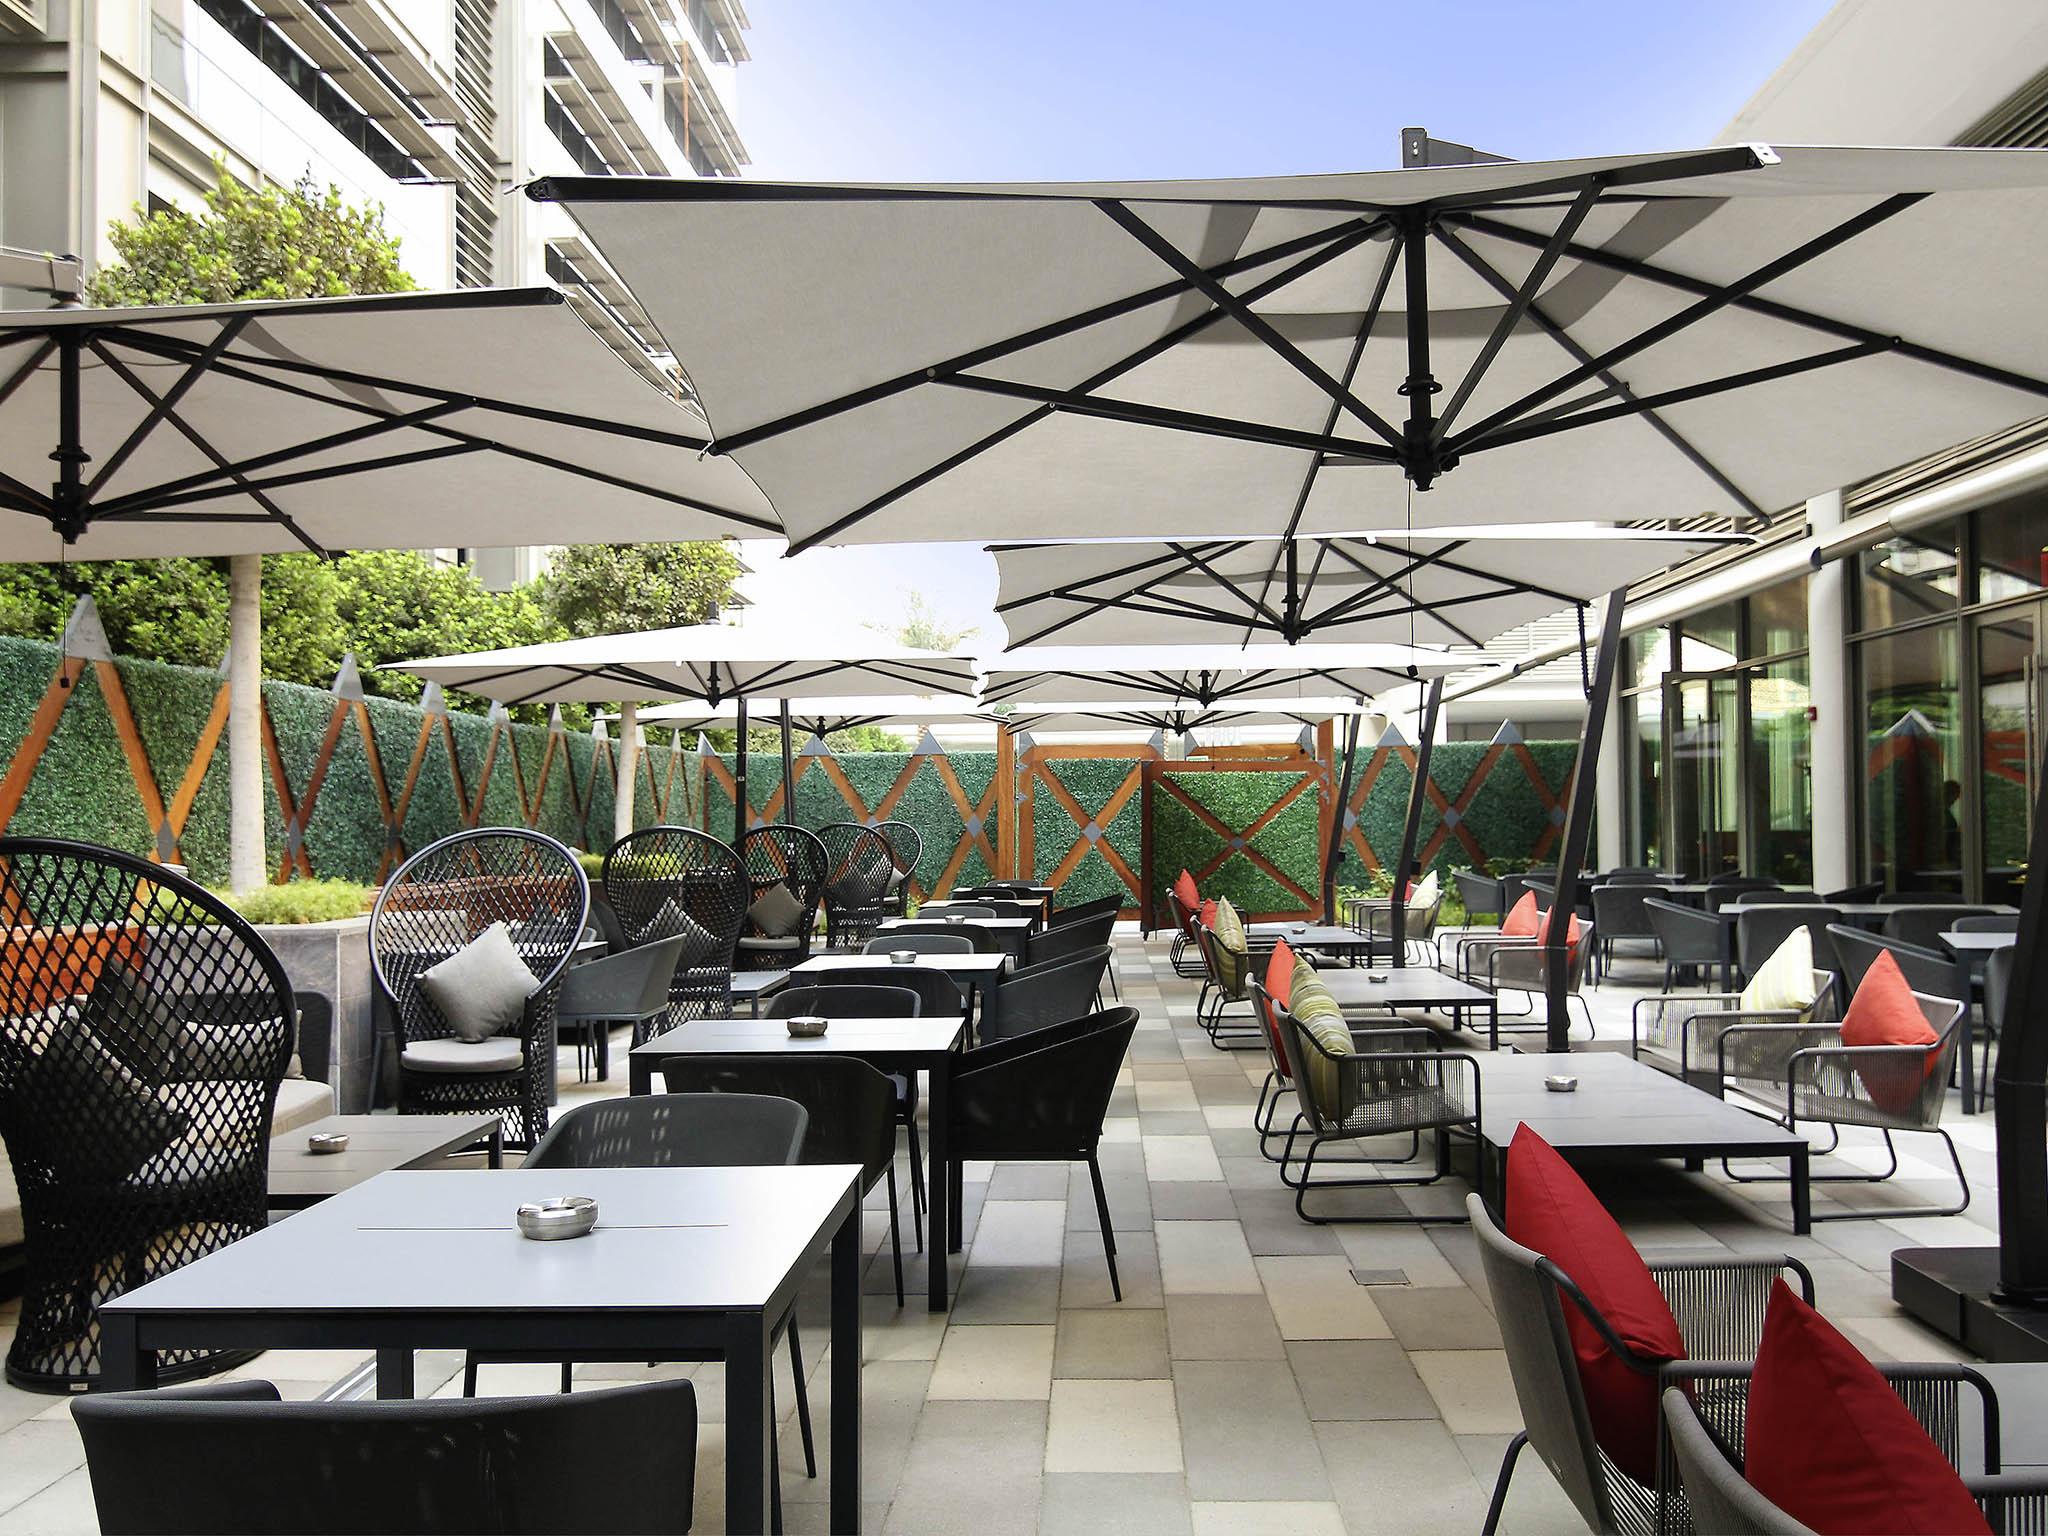 Hotel em dubai ibis one central for Hotel em dubai